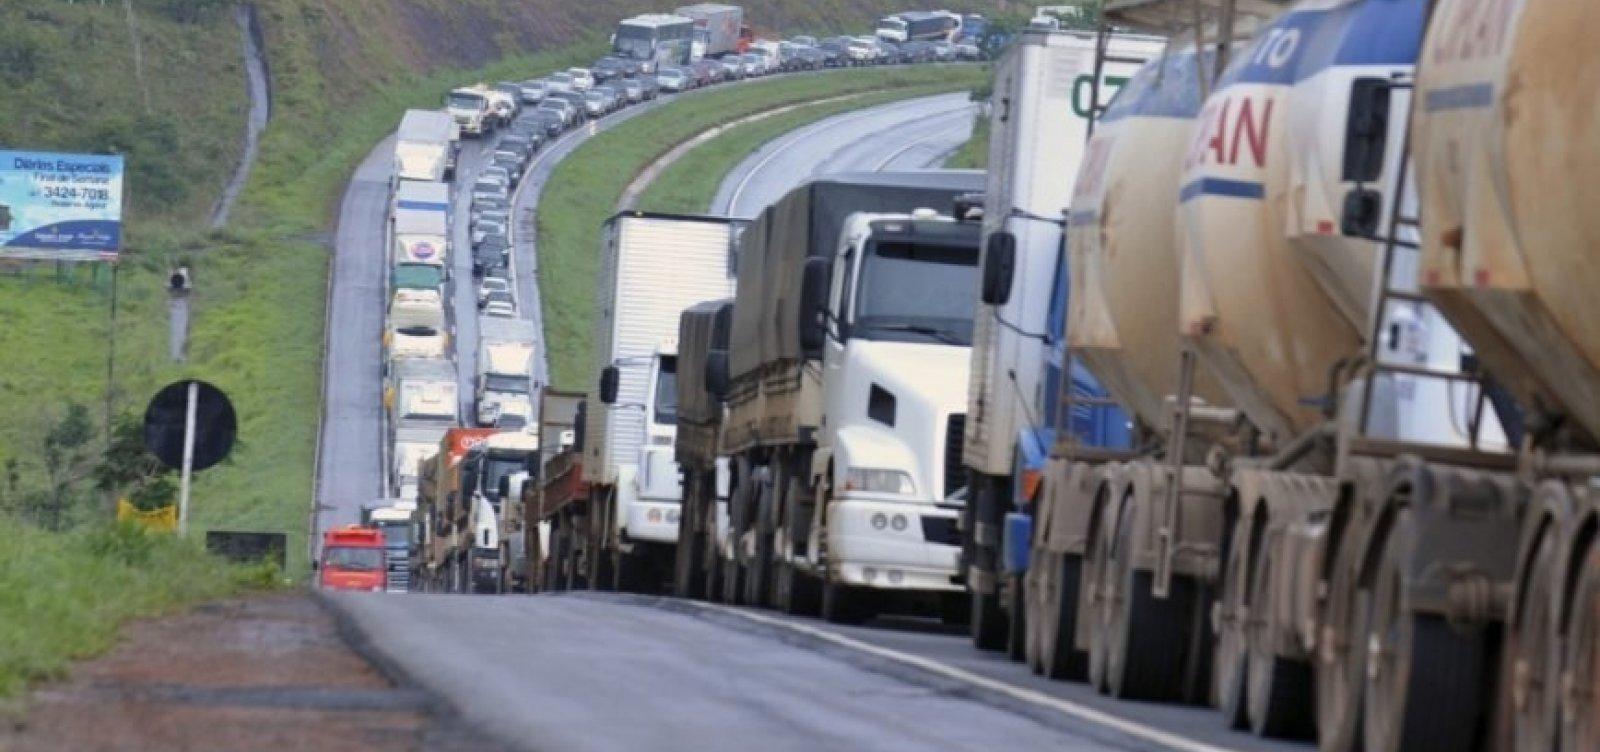 Caminhoneiros que transportam combustíveis prometem adiantar greve para esta quinta-feira